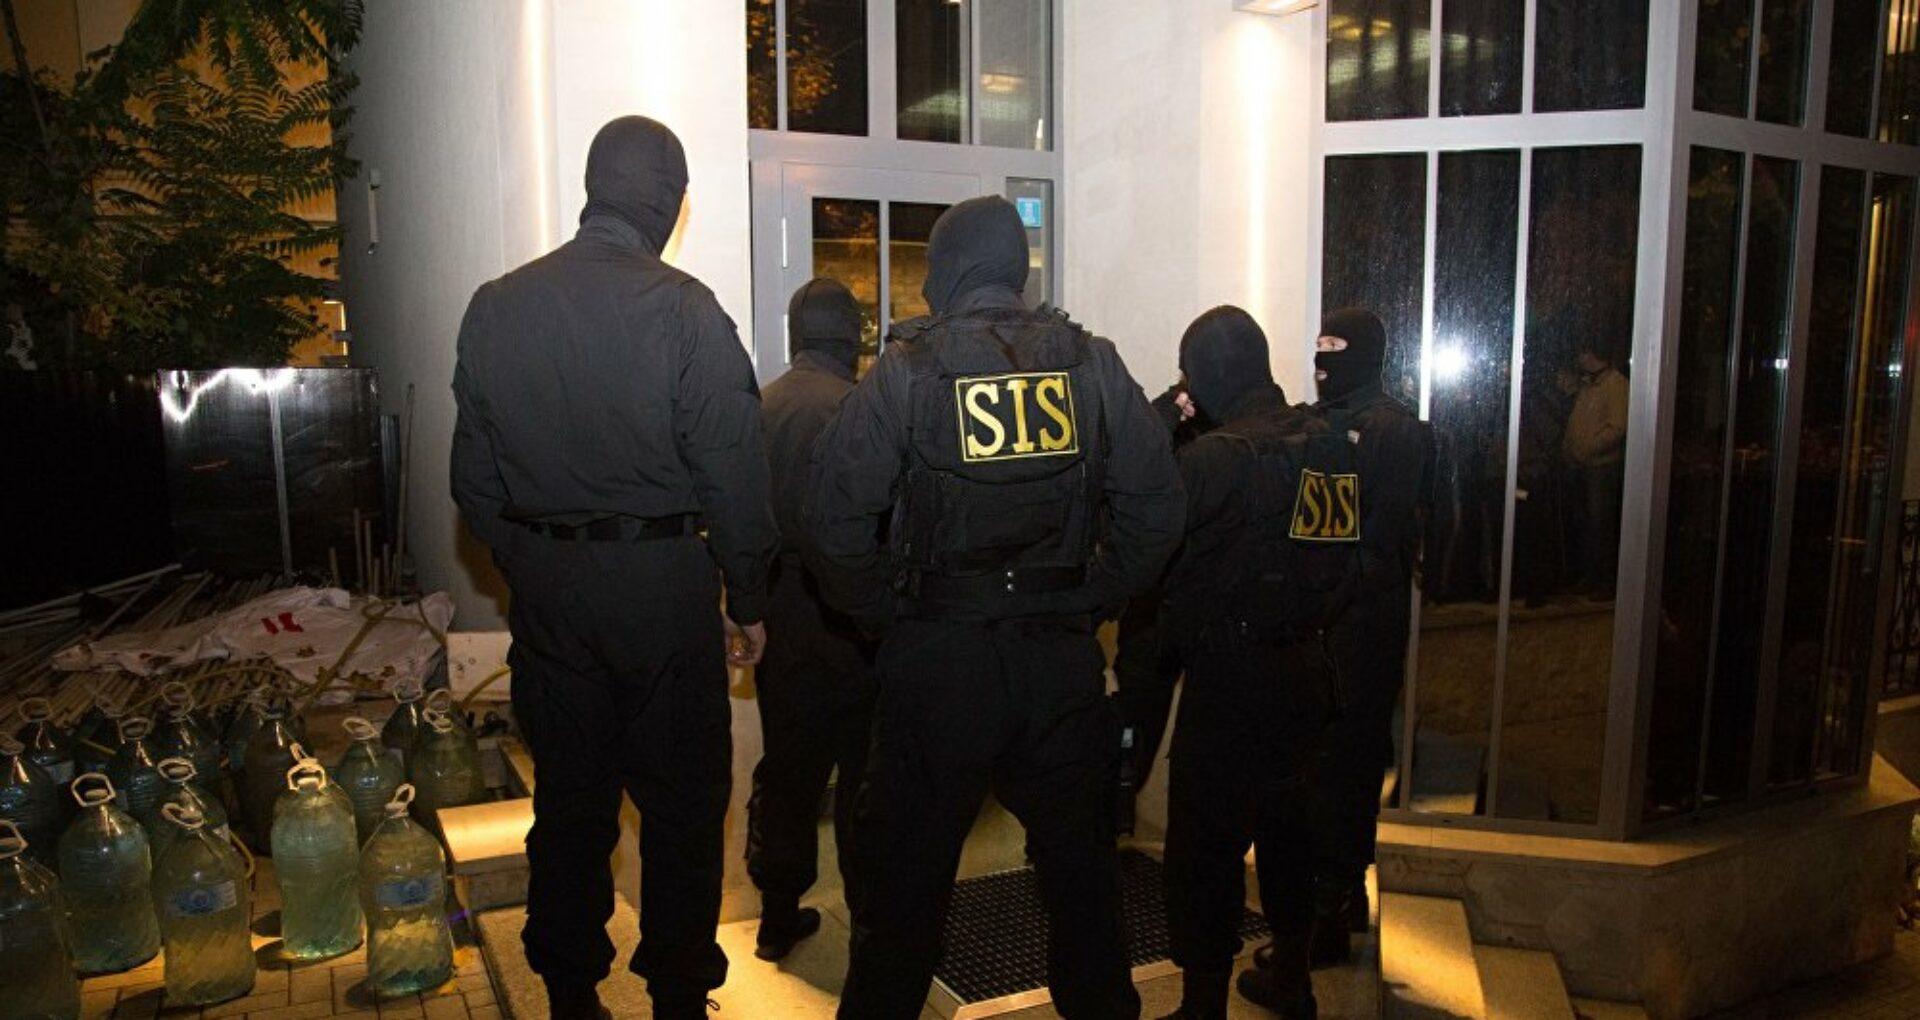 Cinci persoane au fost reținute într-un dosar penal care vizează inviolabilitatea vieții personale a unui judecător. PCCOCS anunță că au avut loc mai multe descinderi pe acest caz